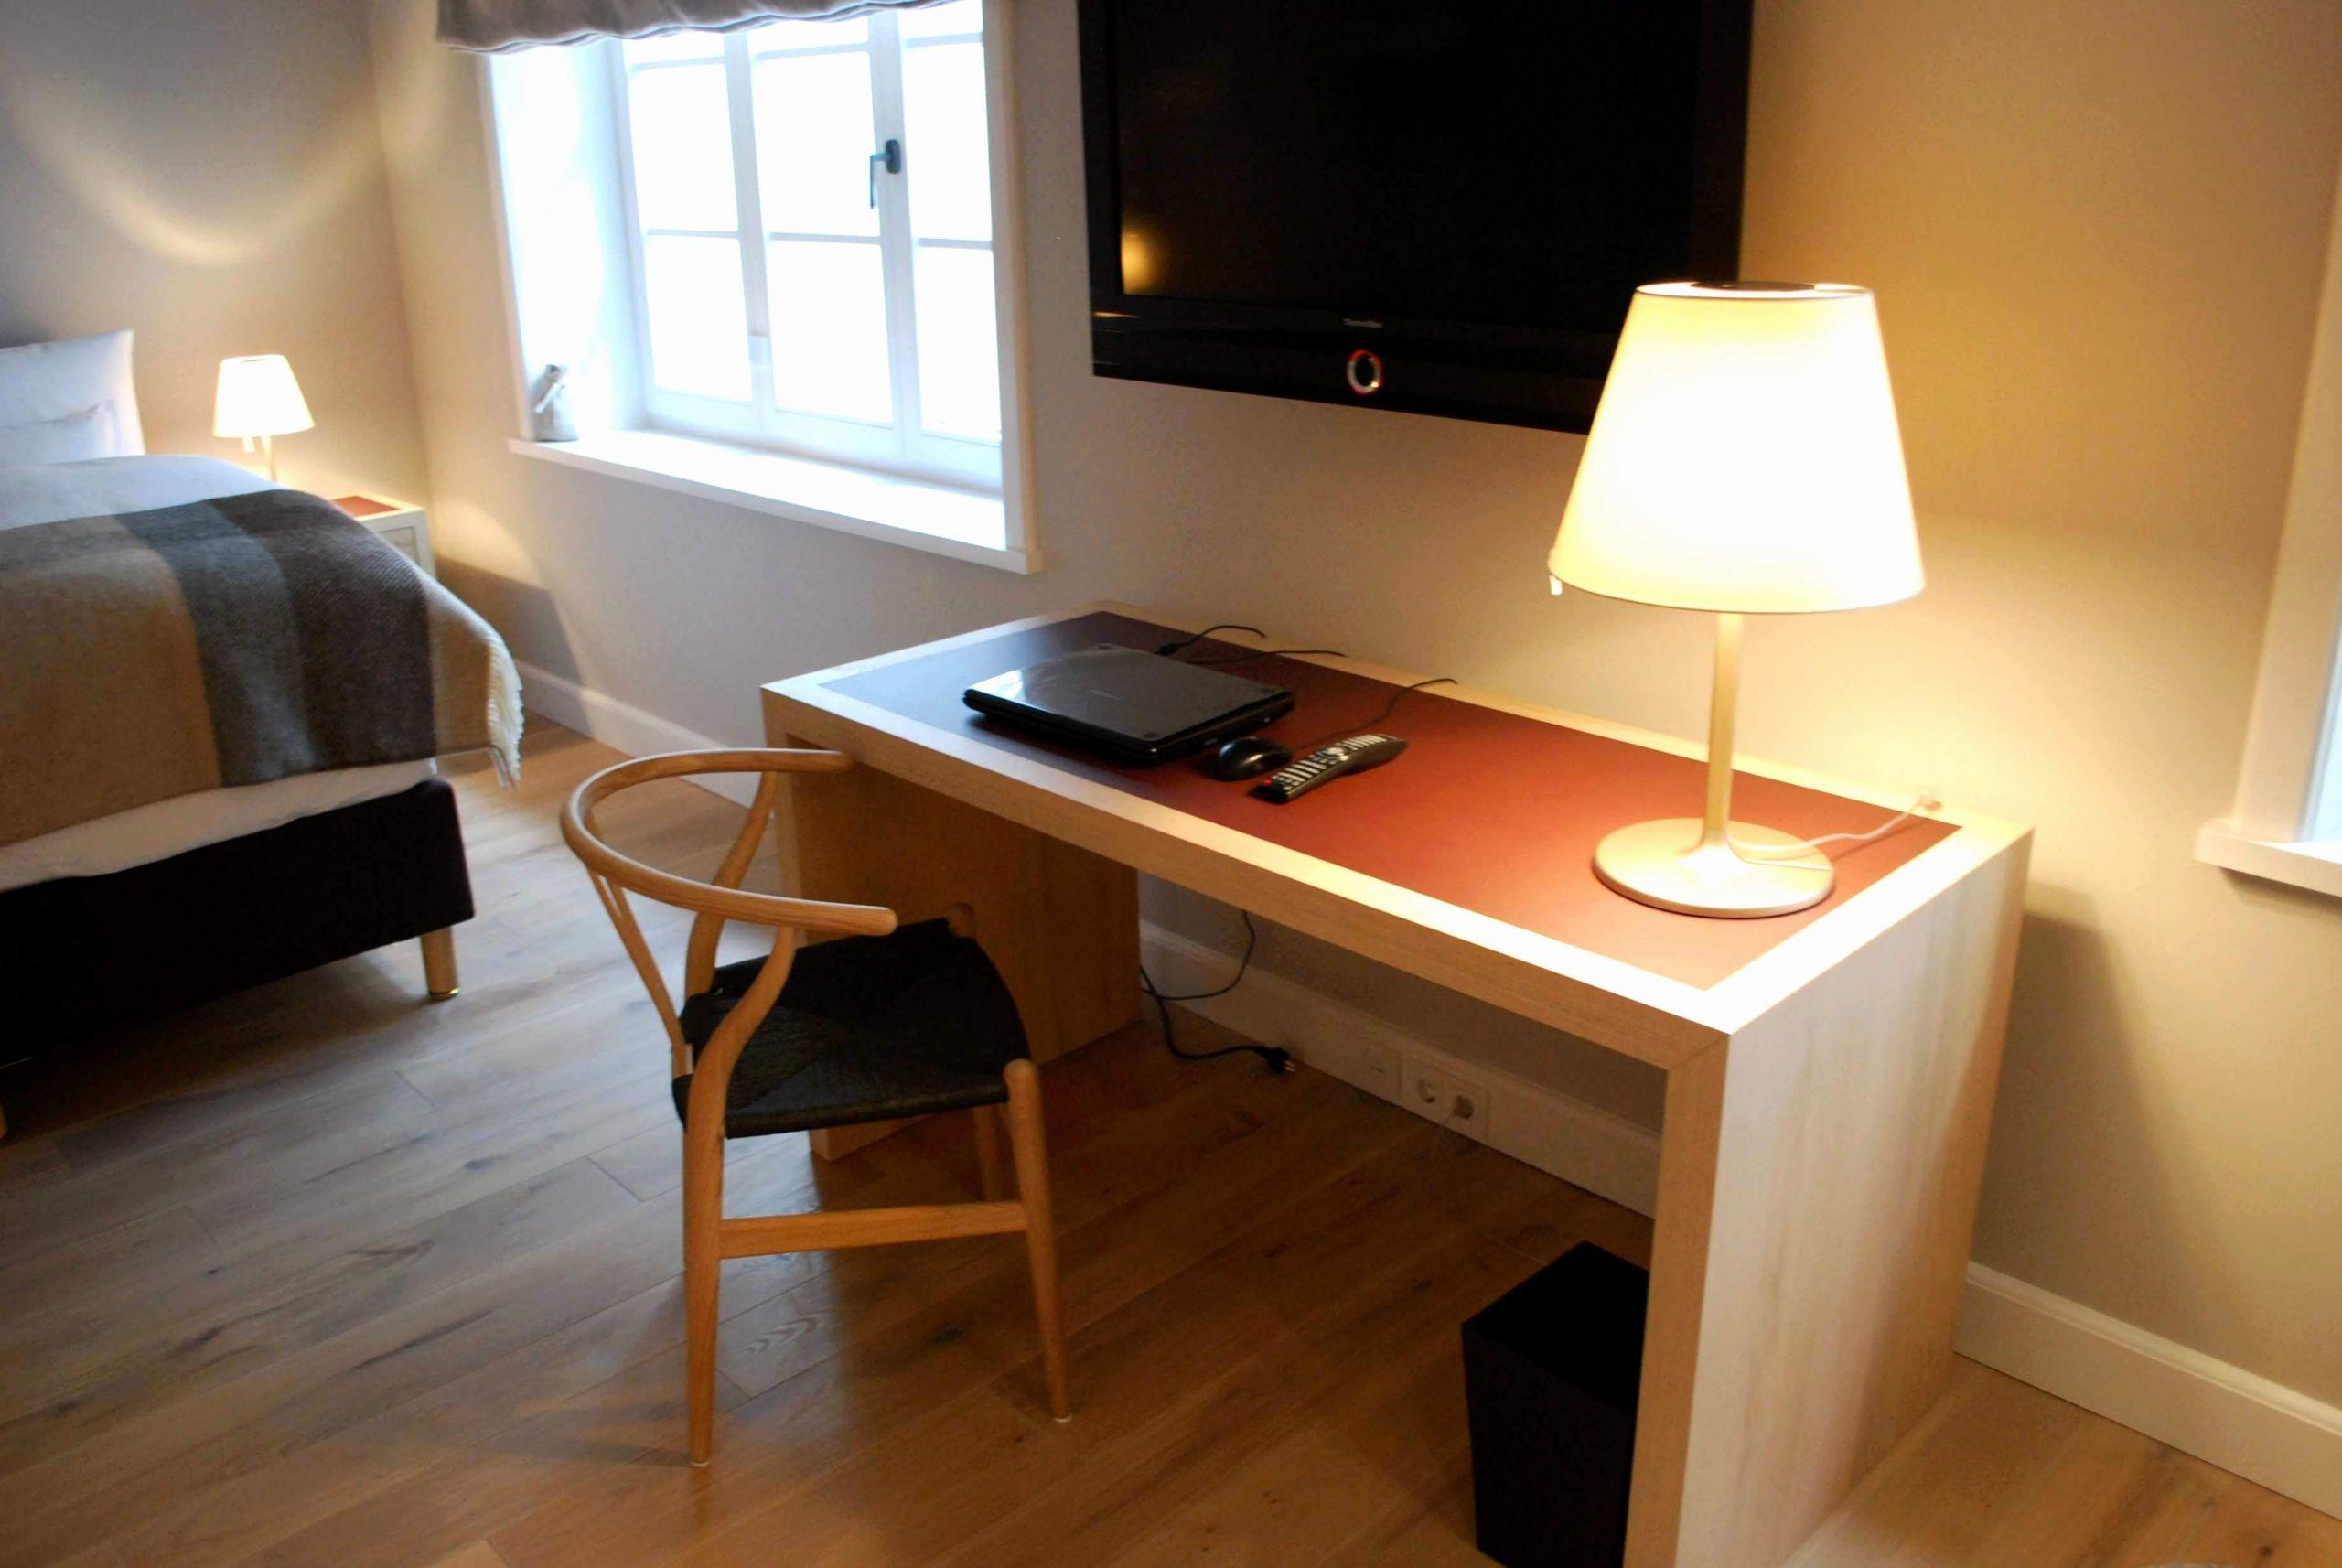 wohnzimmer deko wand luxus wohnzimmer deko wand frisch nachttischlampe wand 0d design of wohnzimmer deko wand